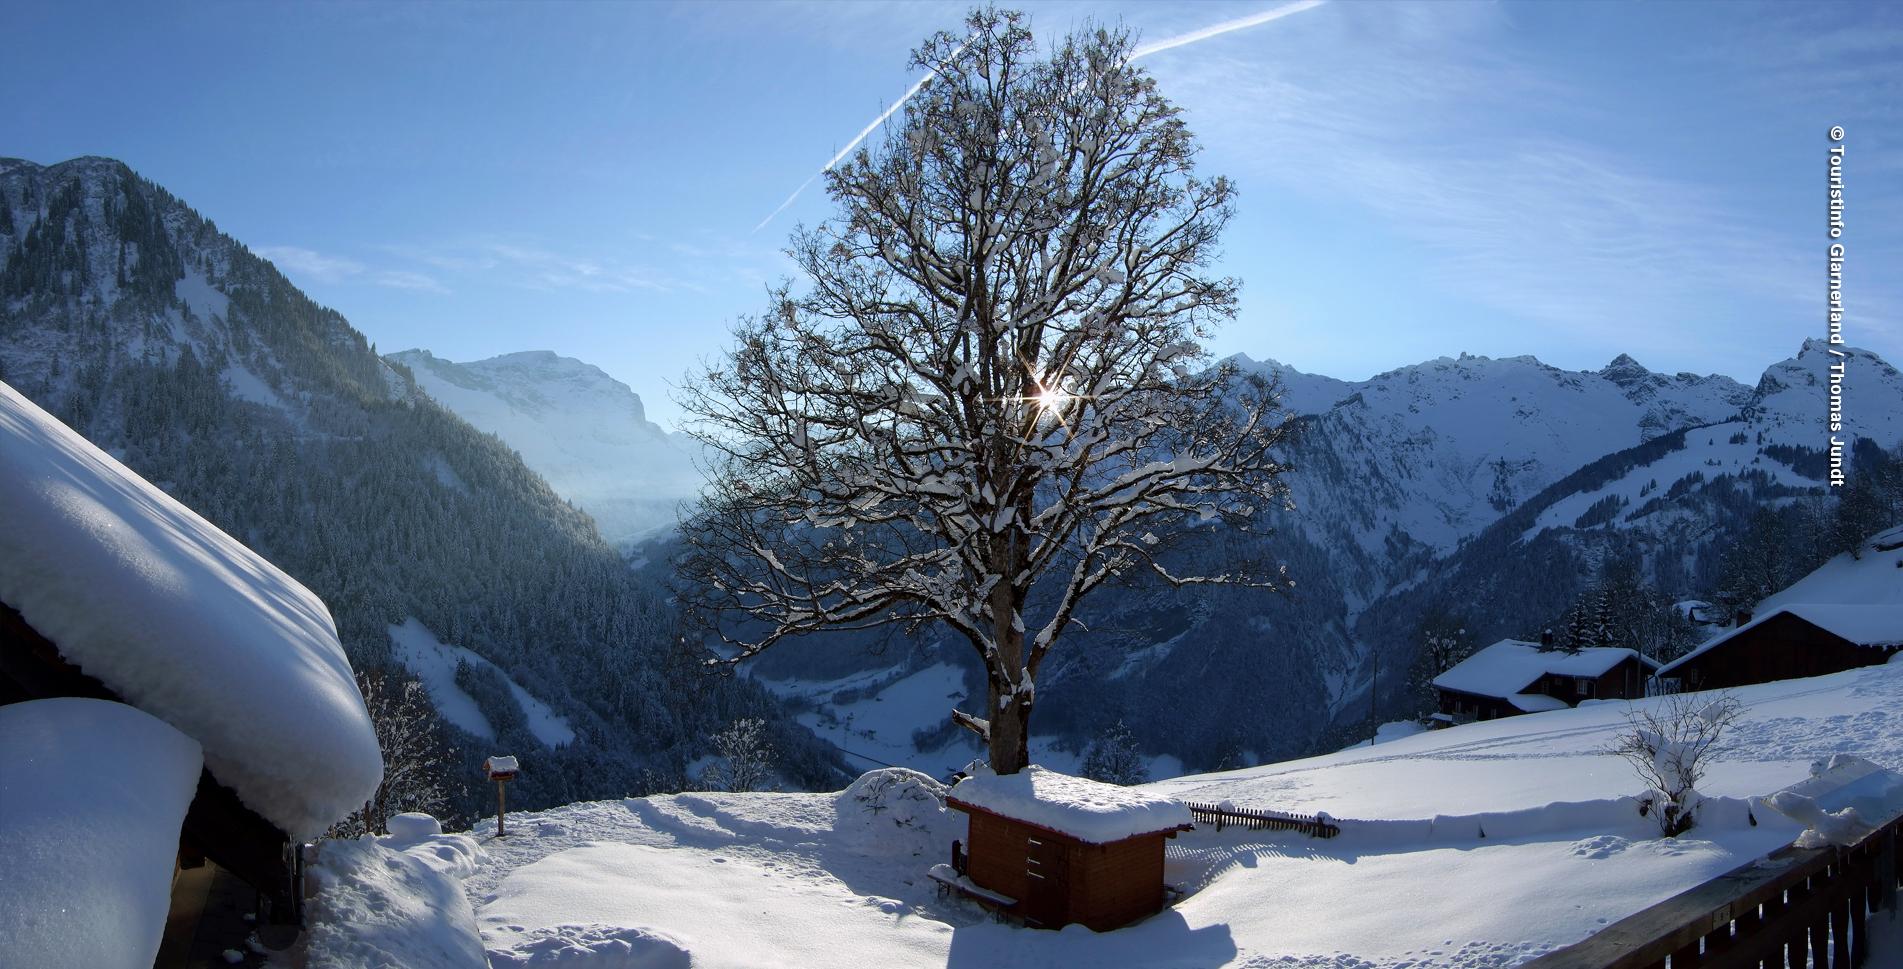 Winterwanderung auf der Sonnenterrasse Weissenberge oberhalb Sernftal im Glarnerland